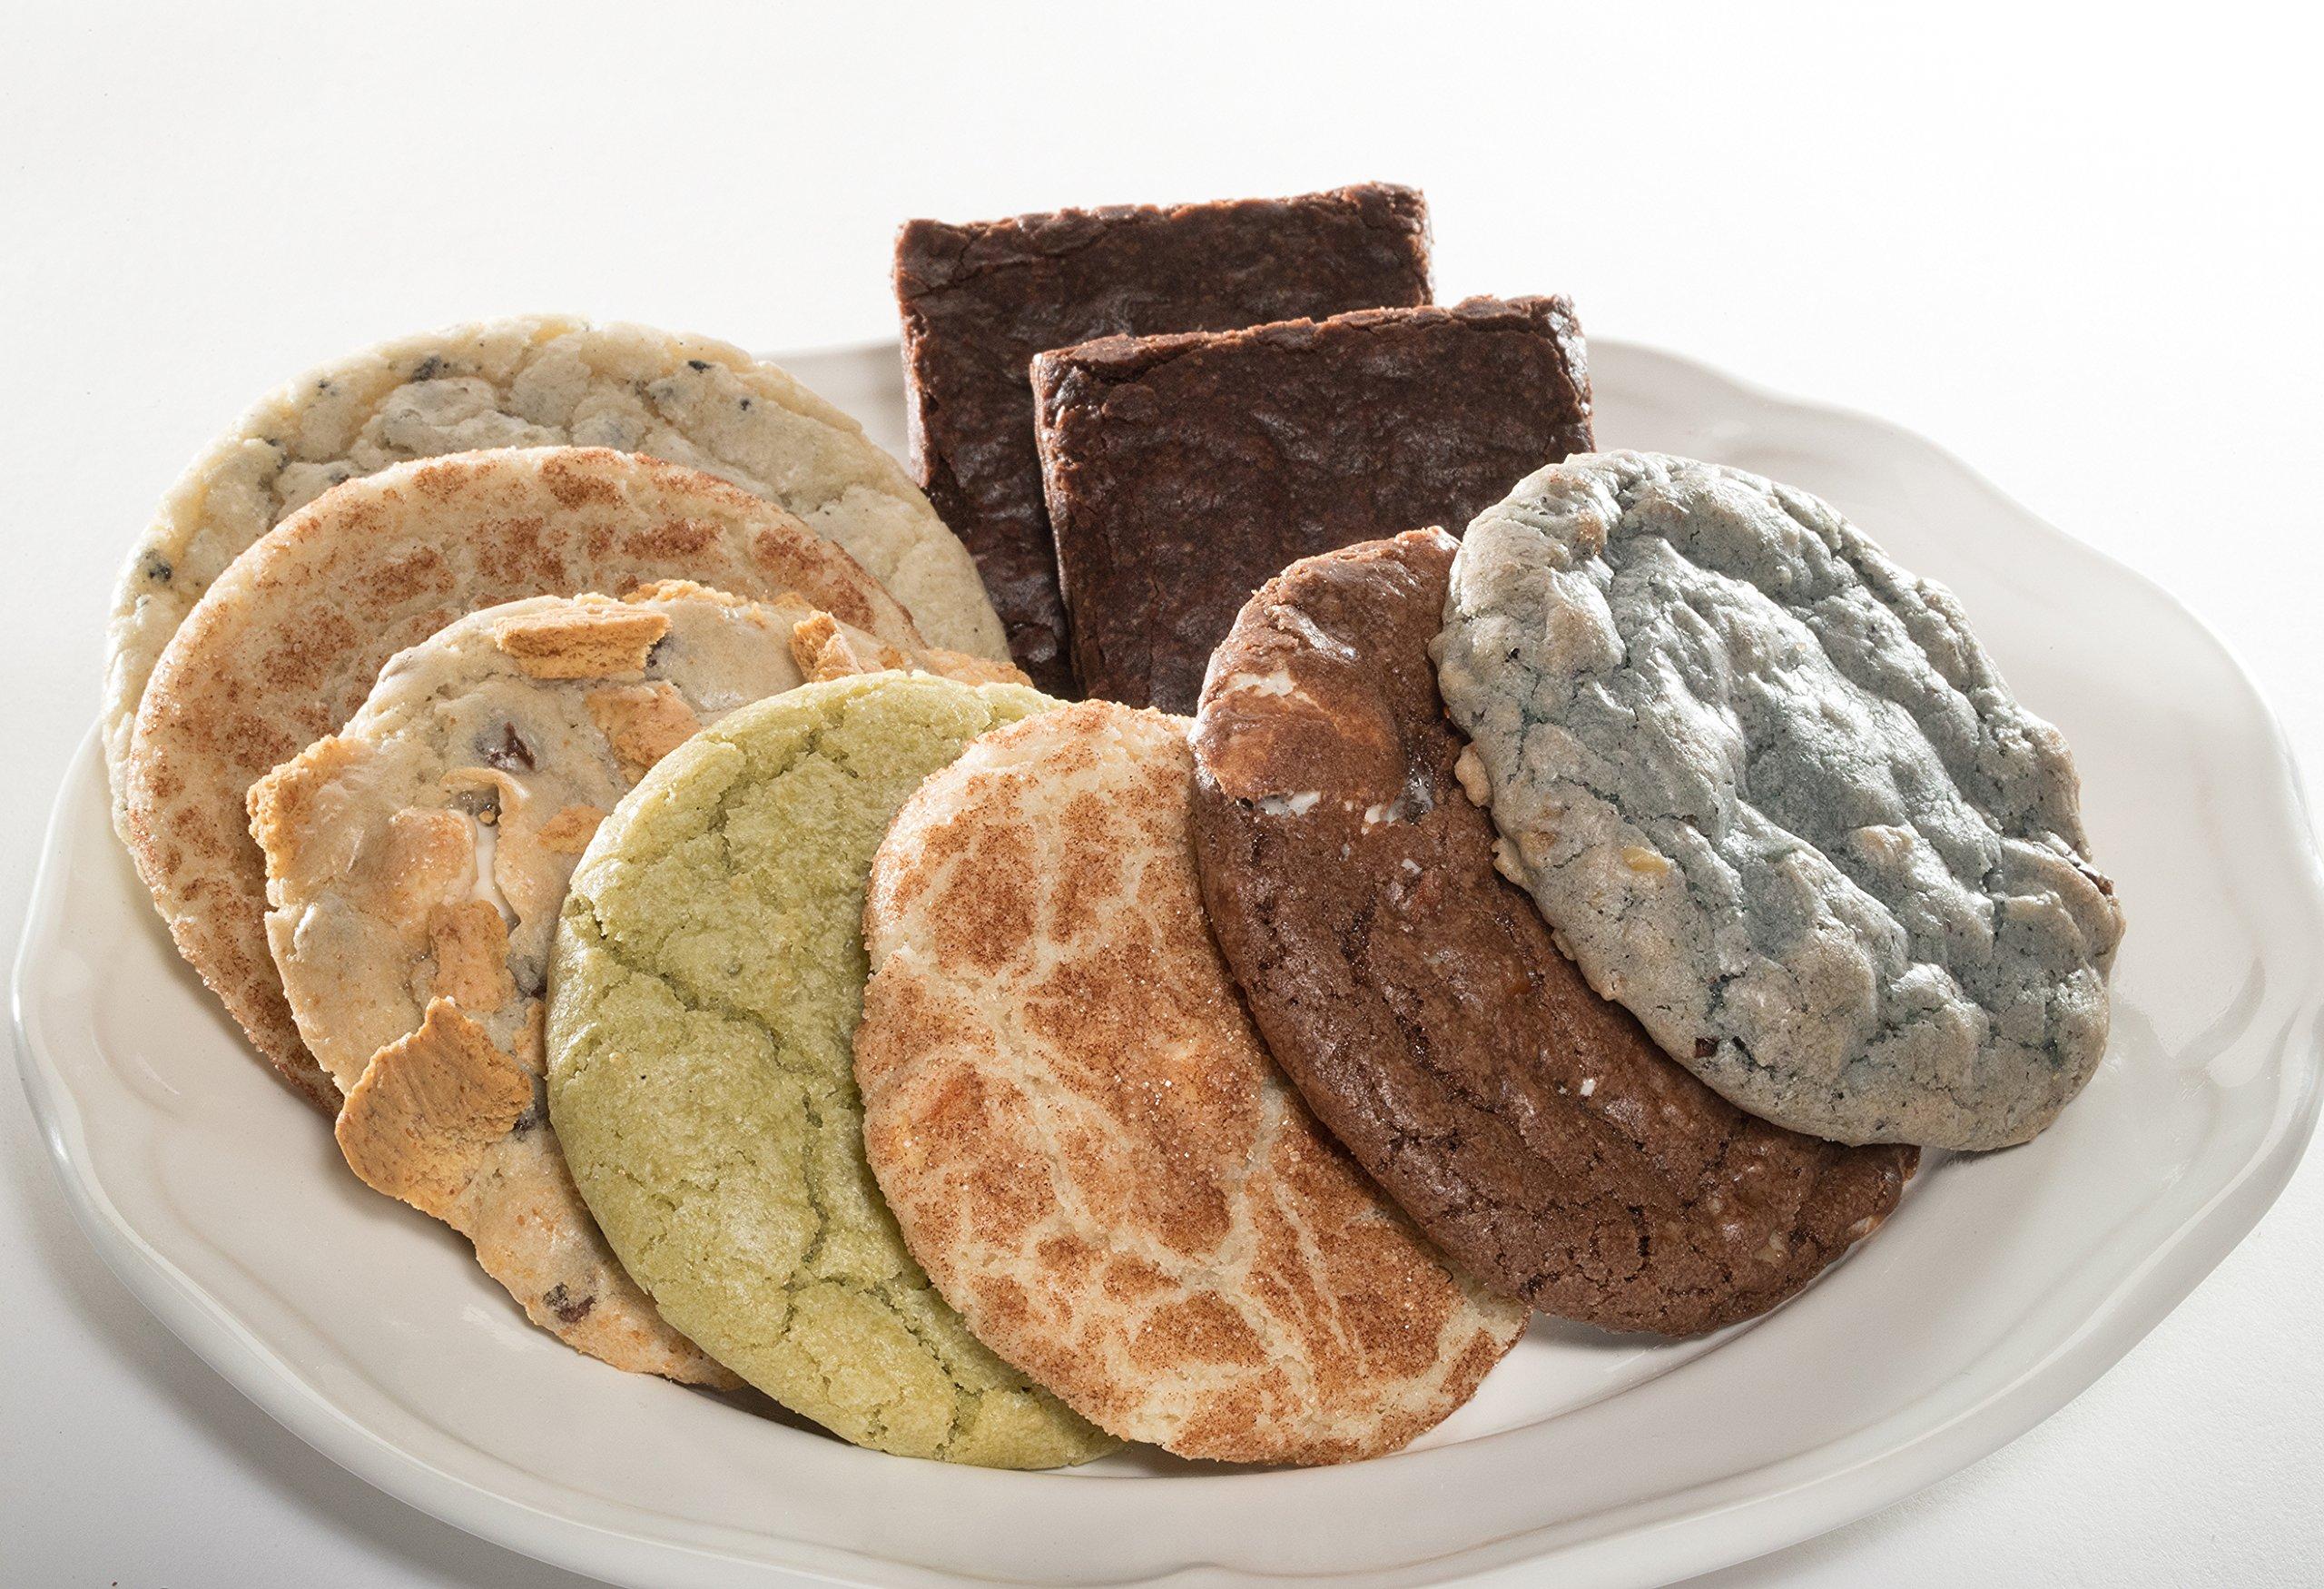 Tailormade Foods Fresh Baked Vegan Cookies (Assorted Vegan, 24 (1.4 oz) count (2 lbs))